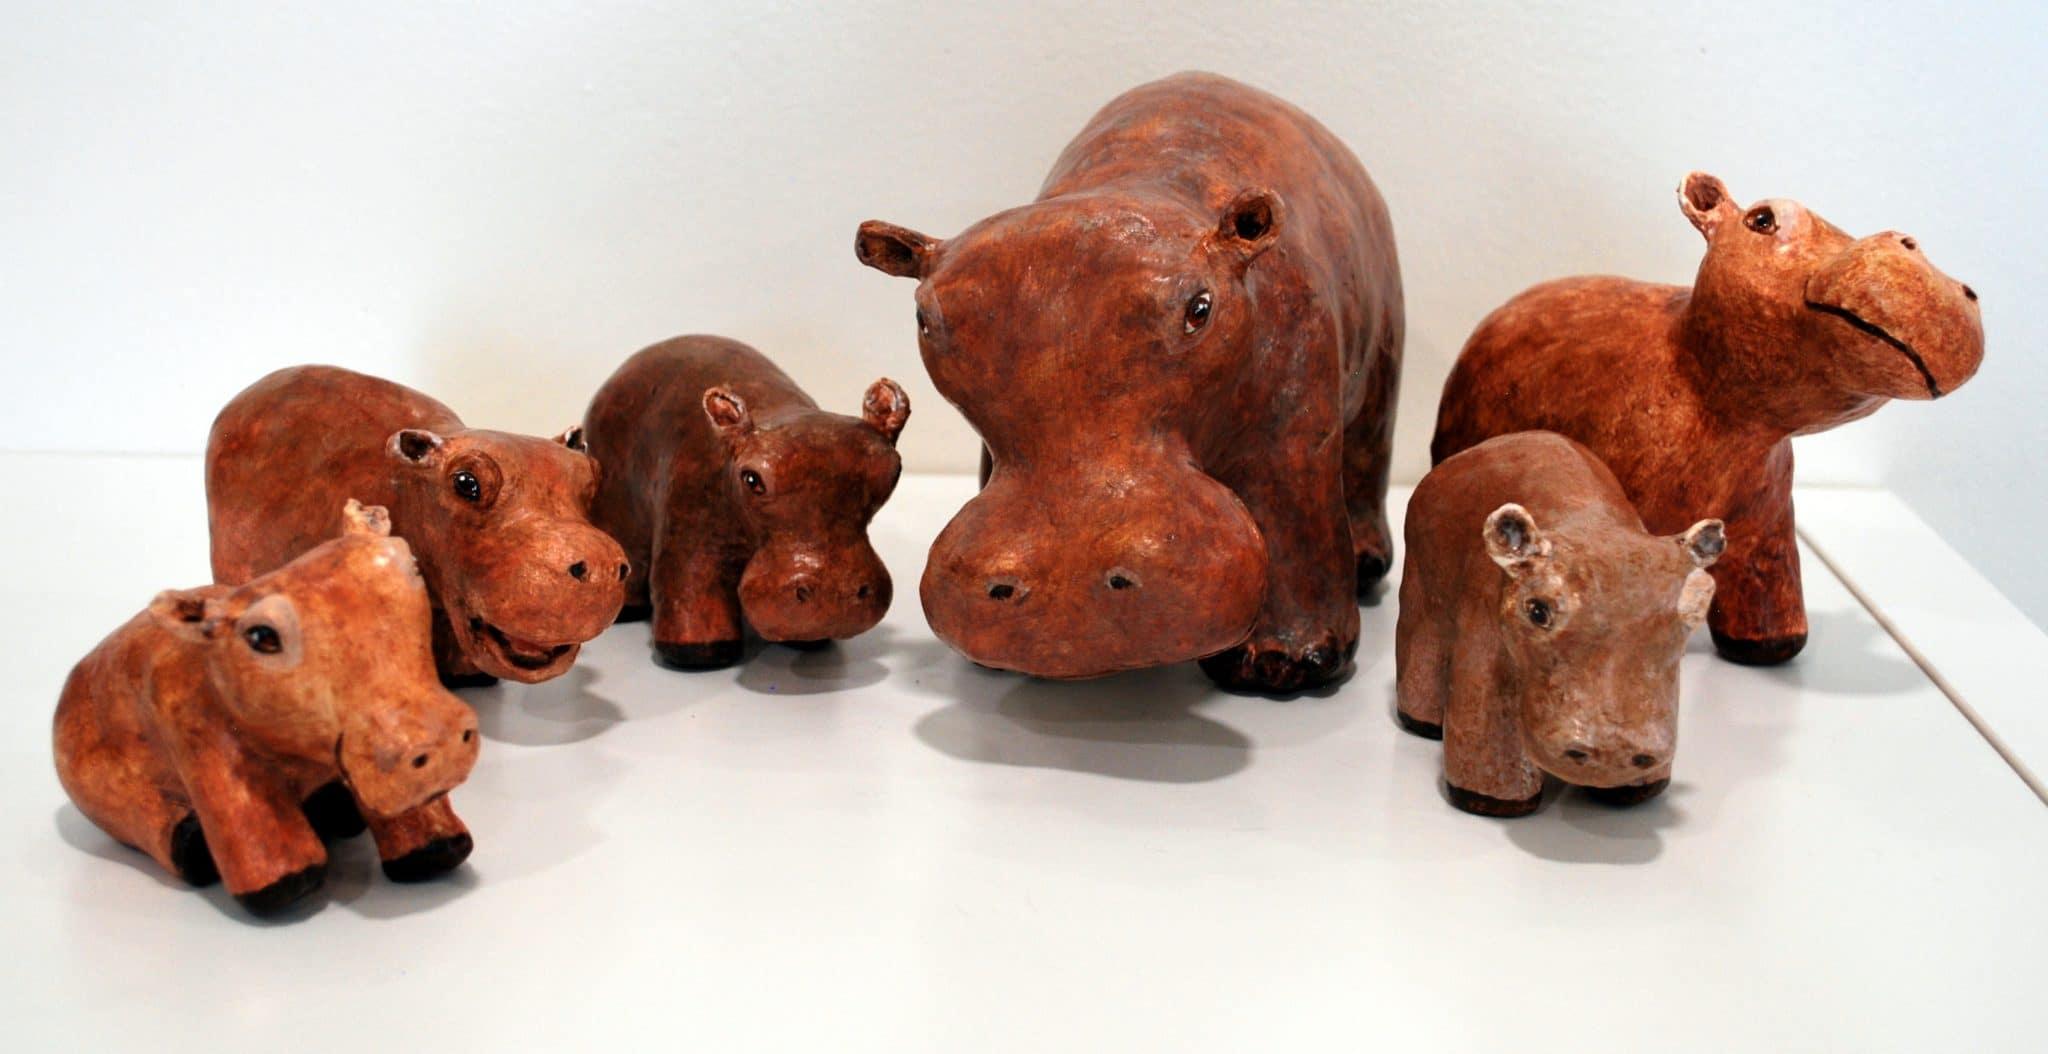 Paper mache hippos by Rex Winn